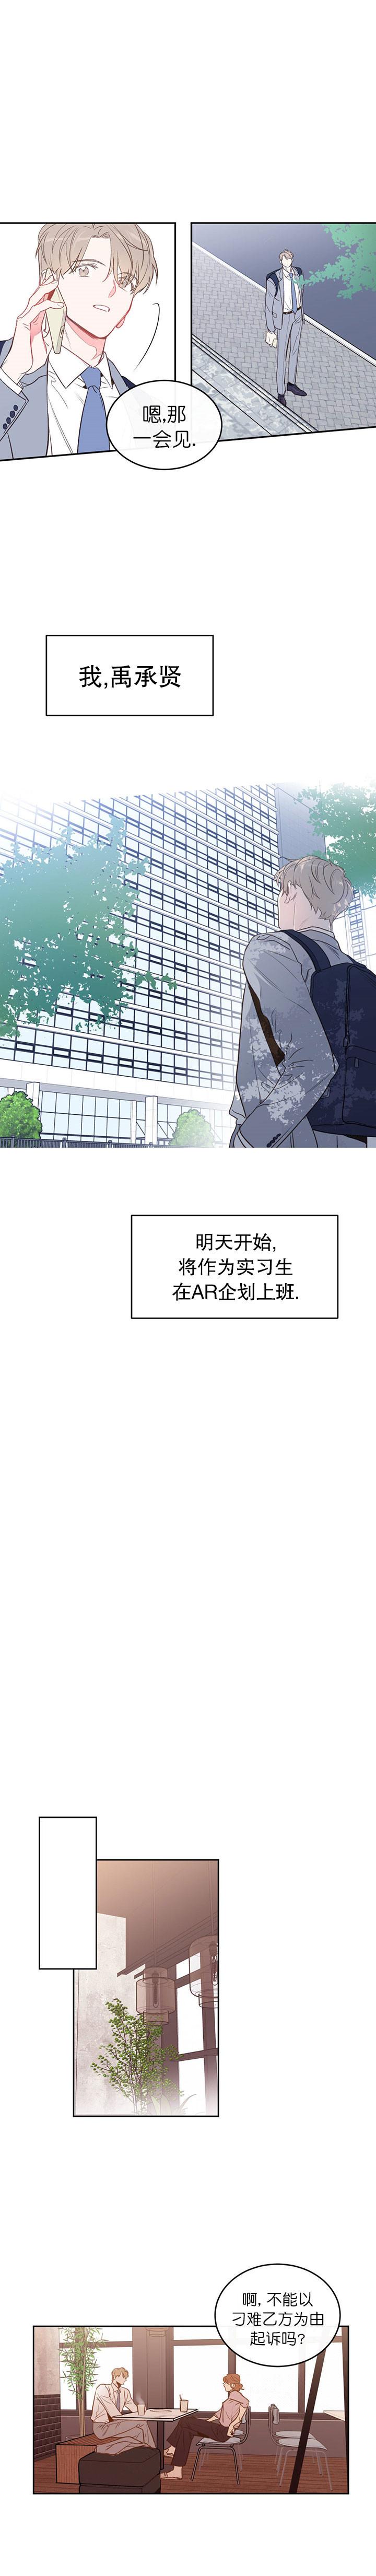 《撩走大魔王》漫画最新上线~全本全集/第一话免费在线